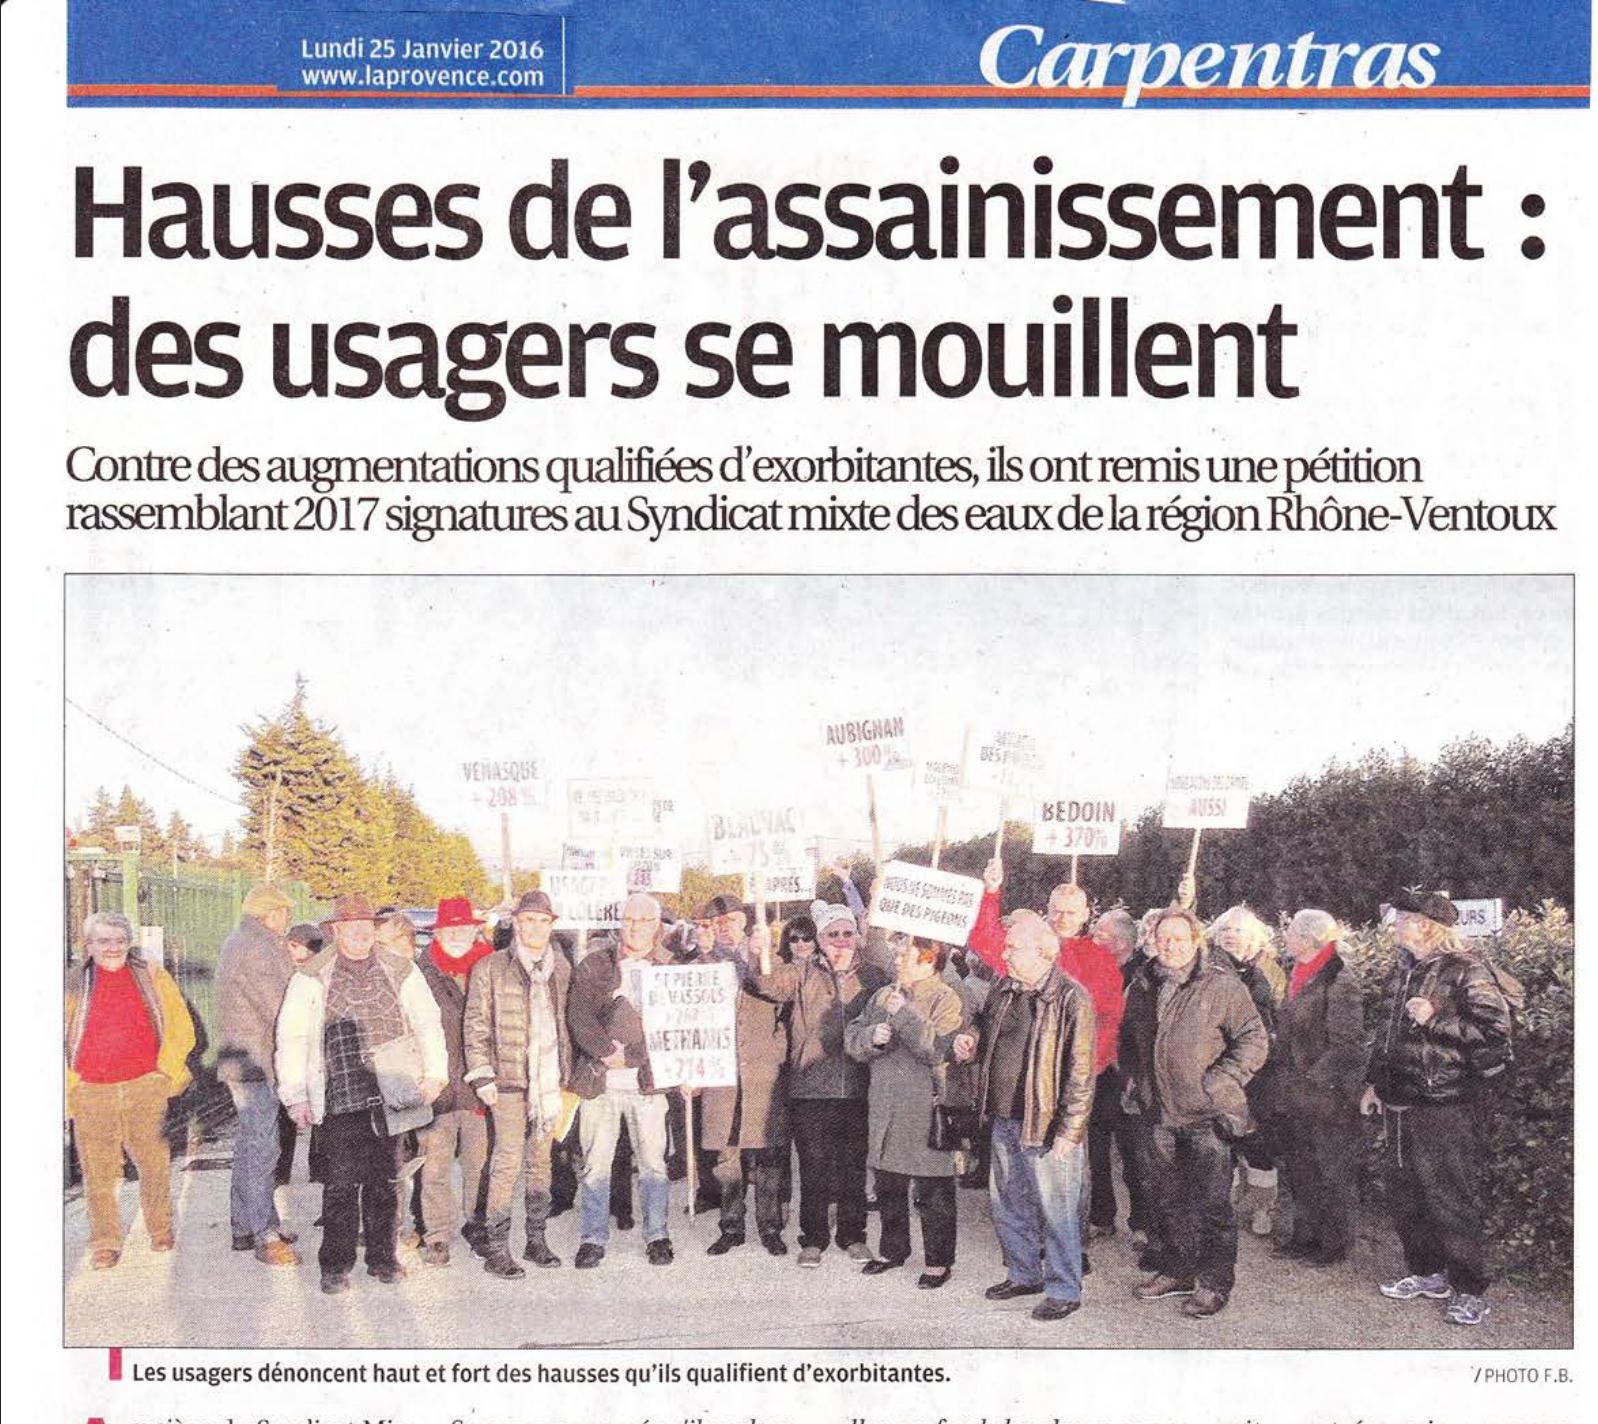 Les usagers du Vaucluse se rebellent, la mobilisation réussit